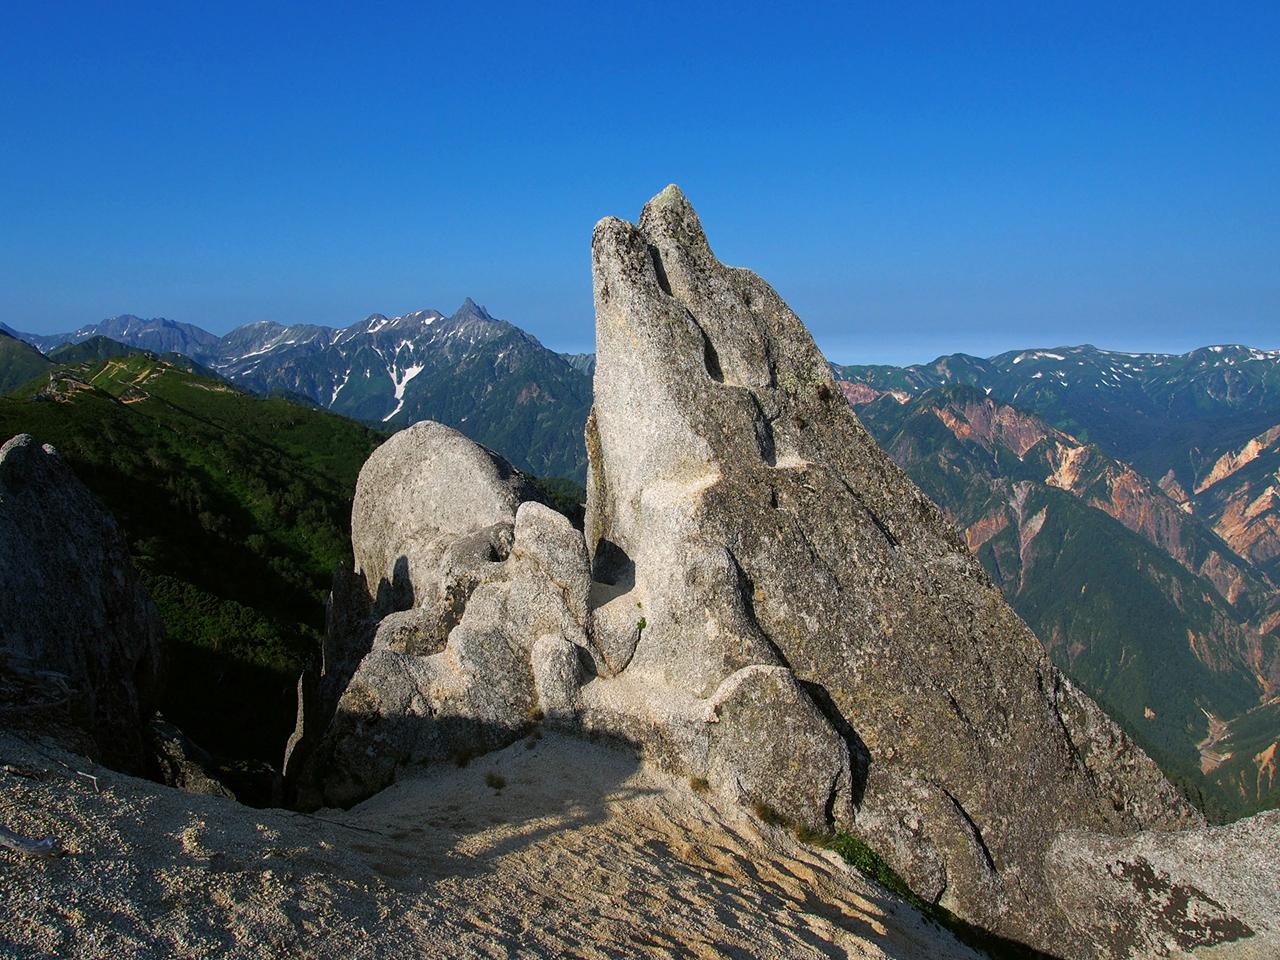 หิน Dolphin Rock ที่ว่ากันว่ามันมีหน้าตาคล้ายกับโลมา